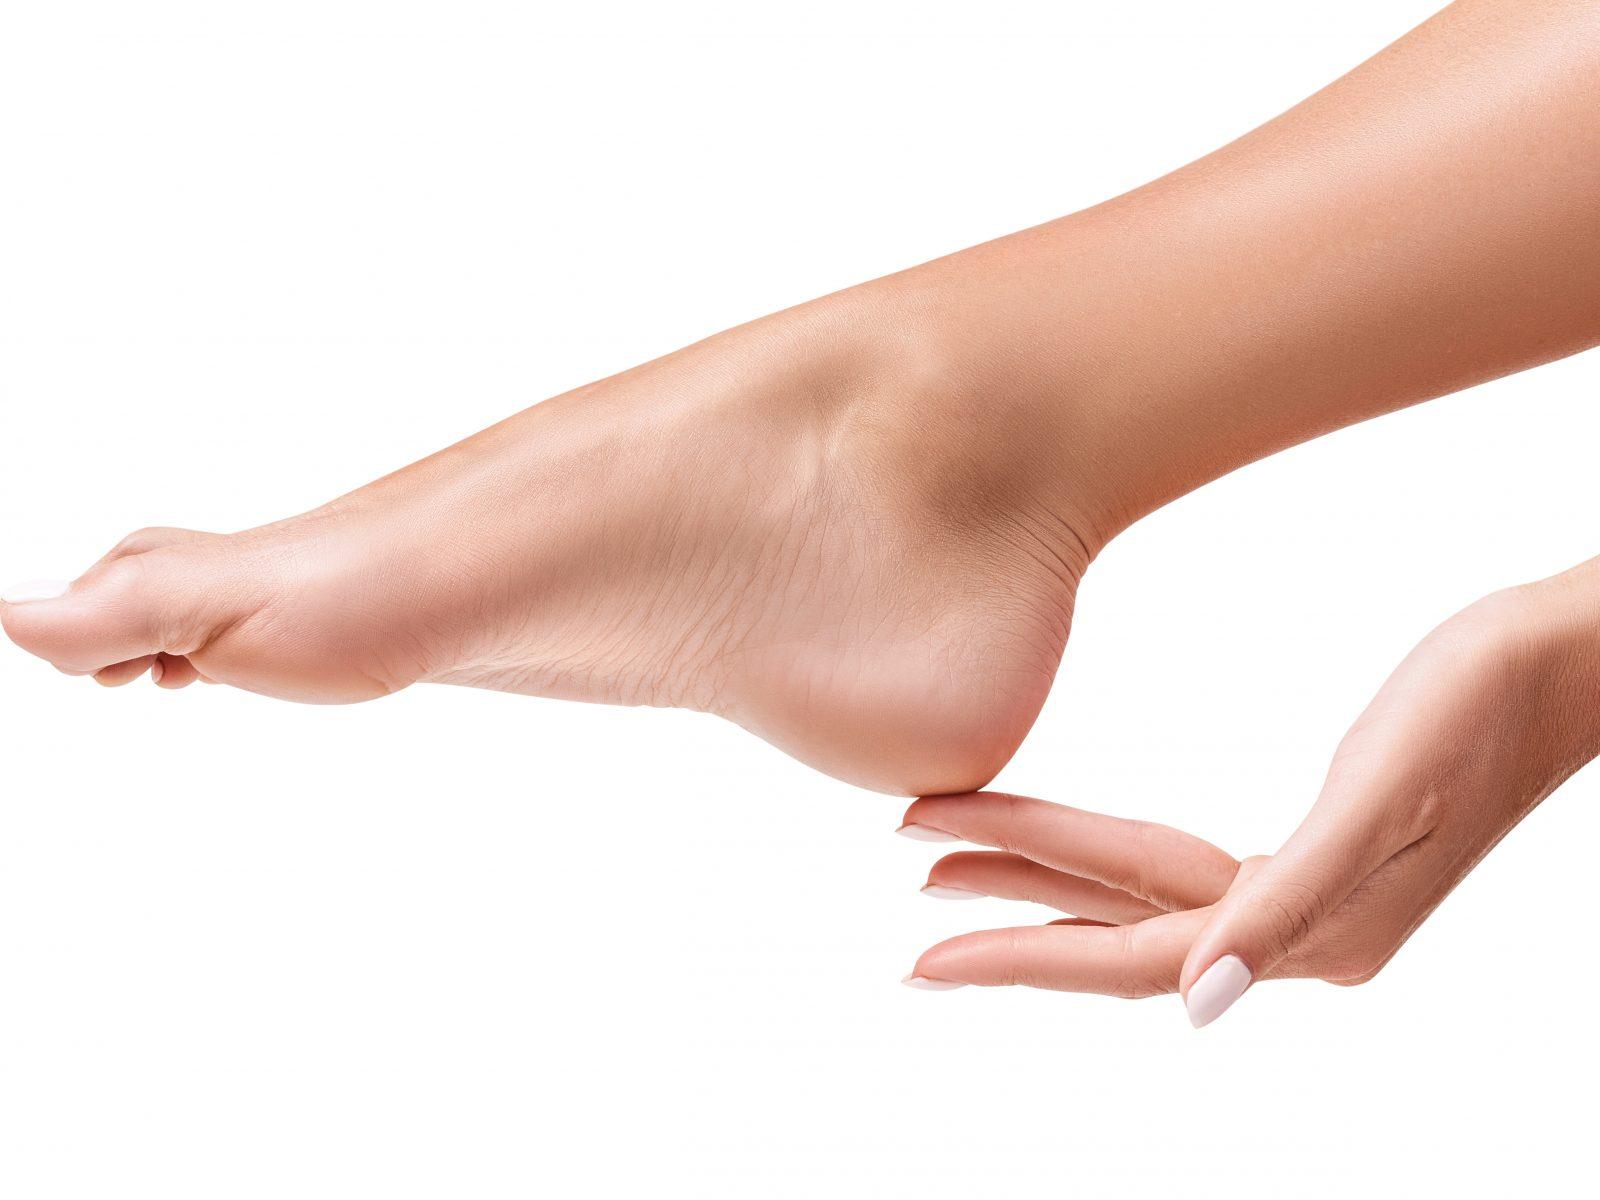 足の指でコレできますか?腰痛や肩こりを招く「隠れ扁平足 ...